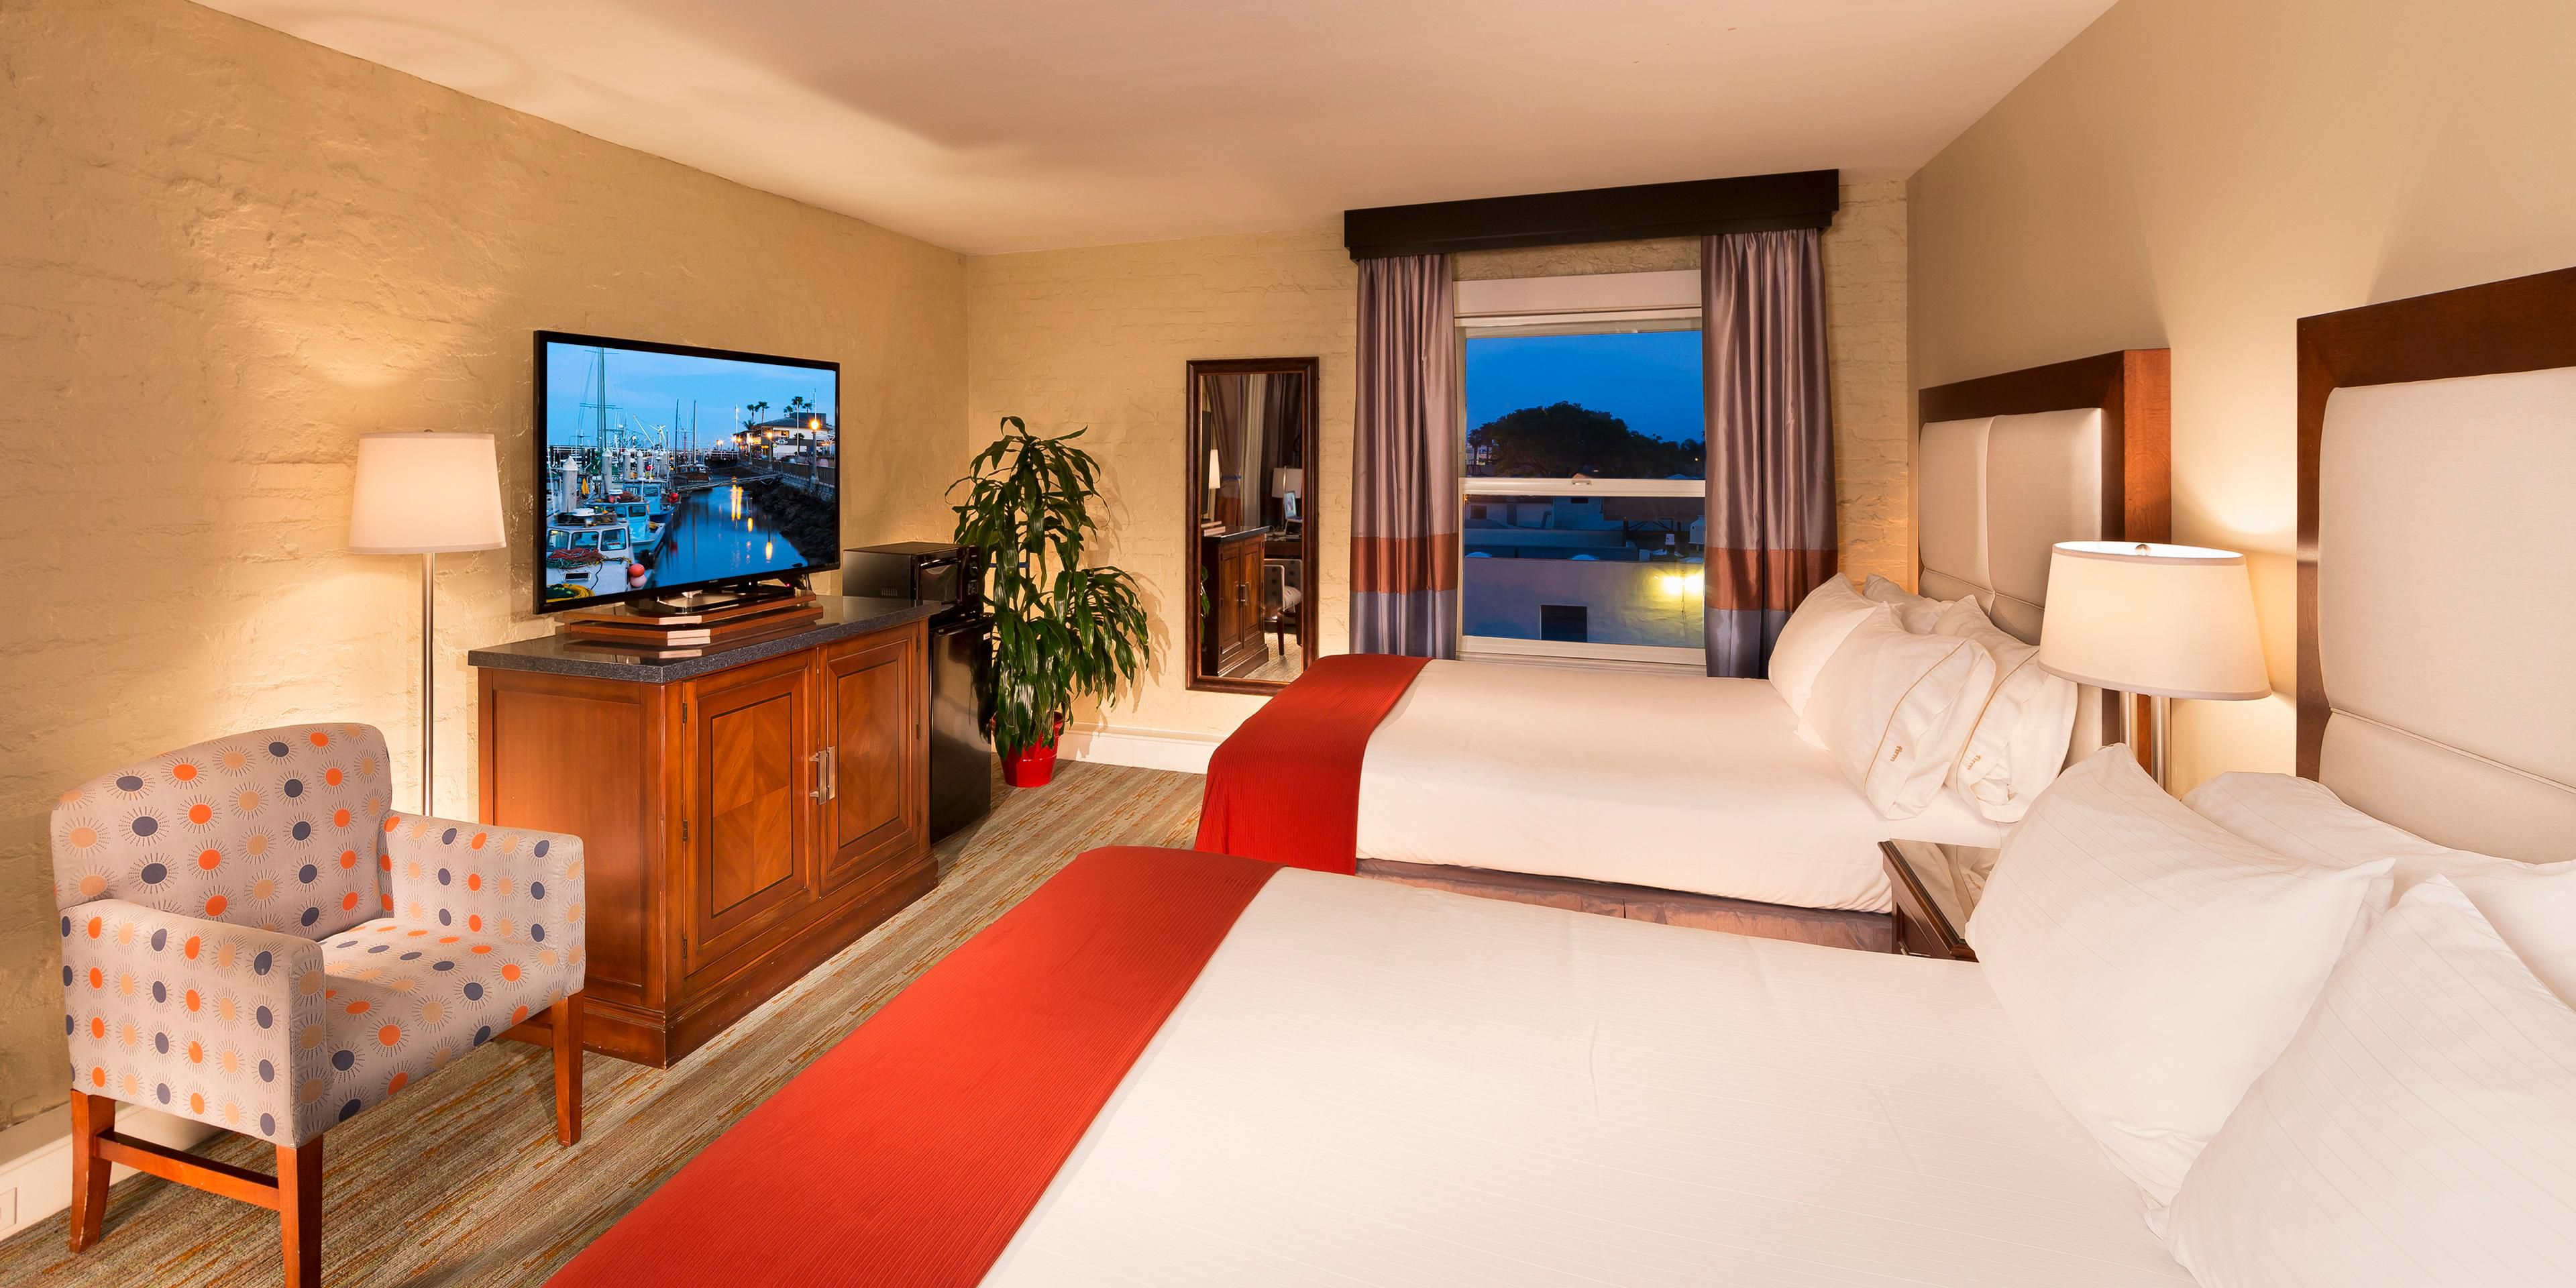 Santa Barbara Hotel   Holiday Inn Express Santa Barbara Hotel